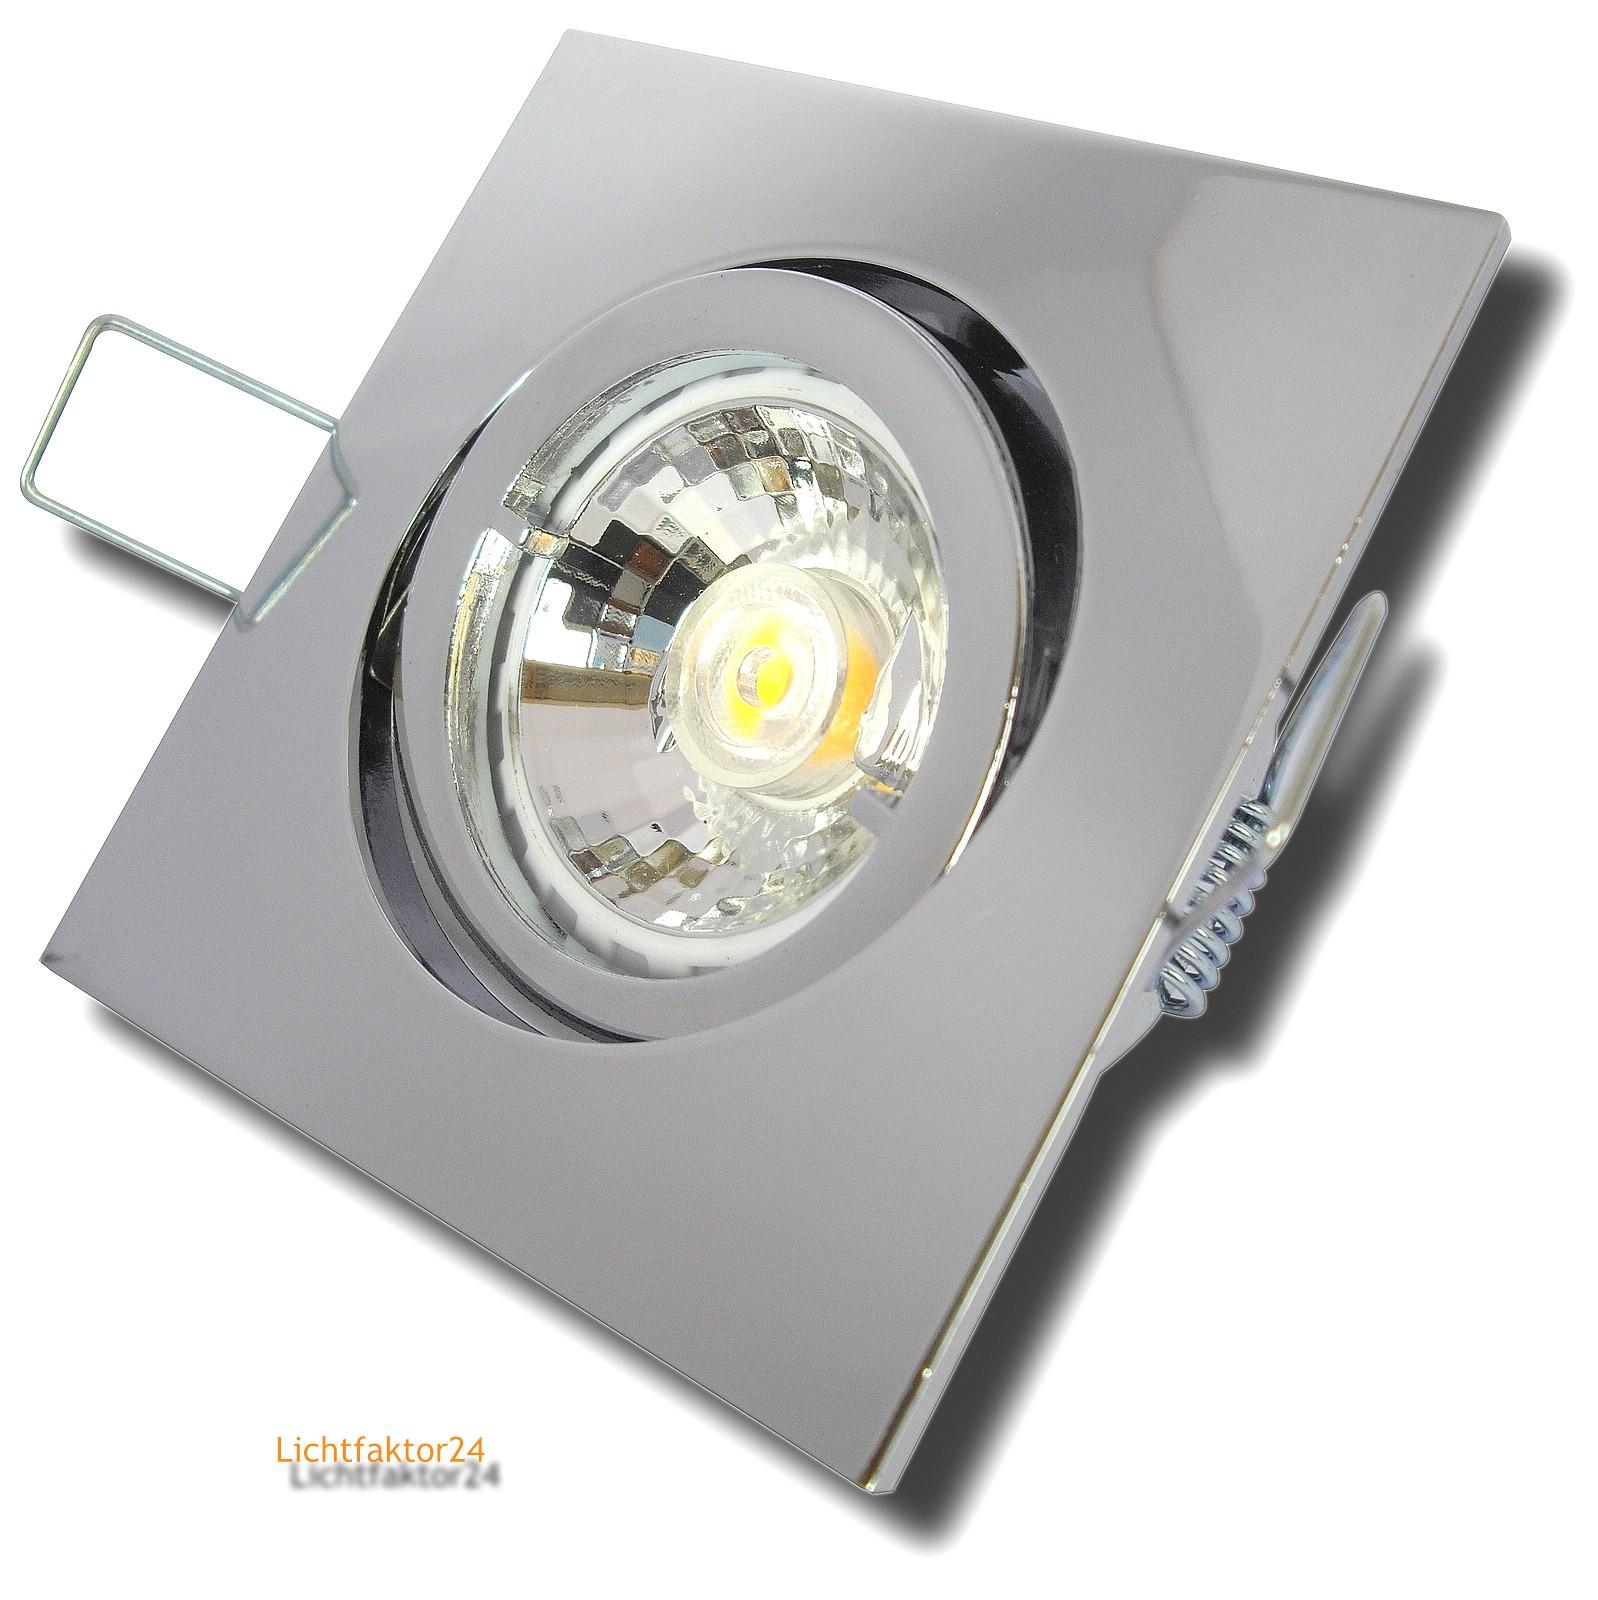 7w led leuchten sets dimmbar 230volt schwenkbar. Black Bedroom Furniture Sets. Home Design Ideas